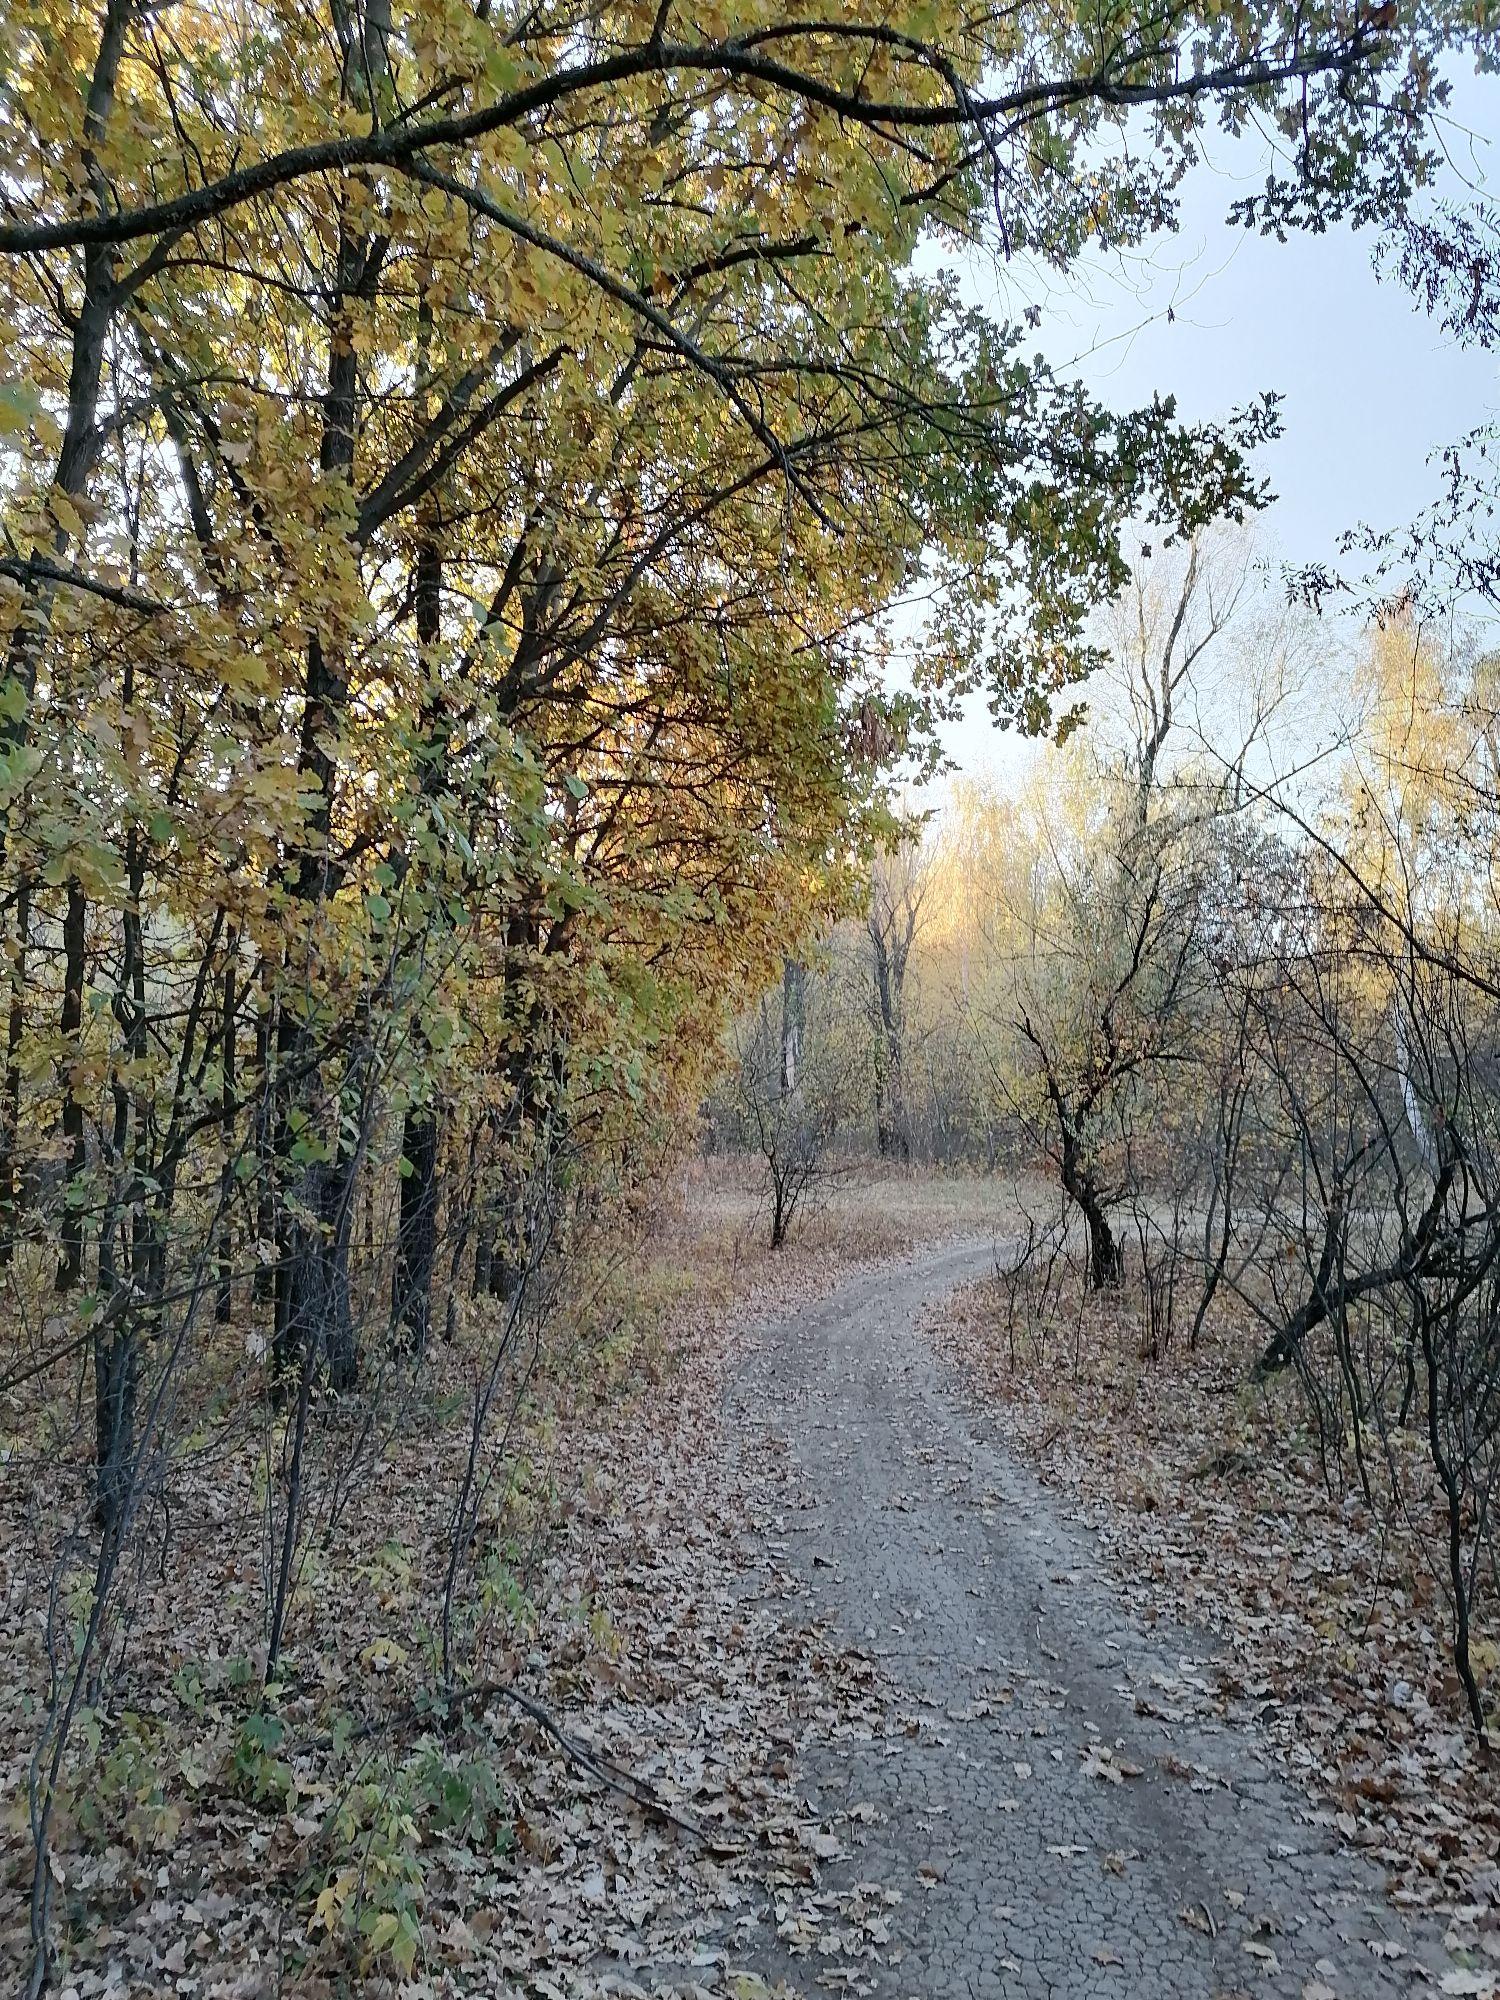 дорога в лес, справа тёрн, уже без листьев, но с мелкими кислыми ягодами